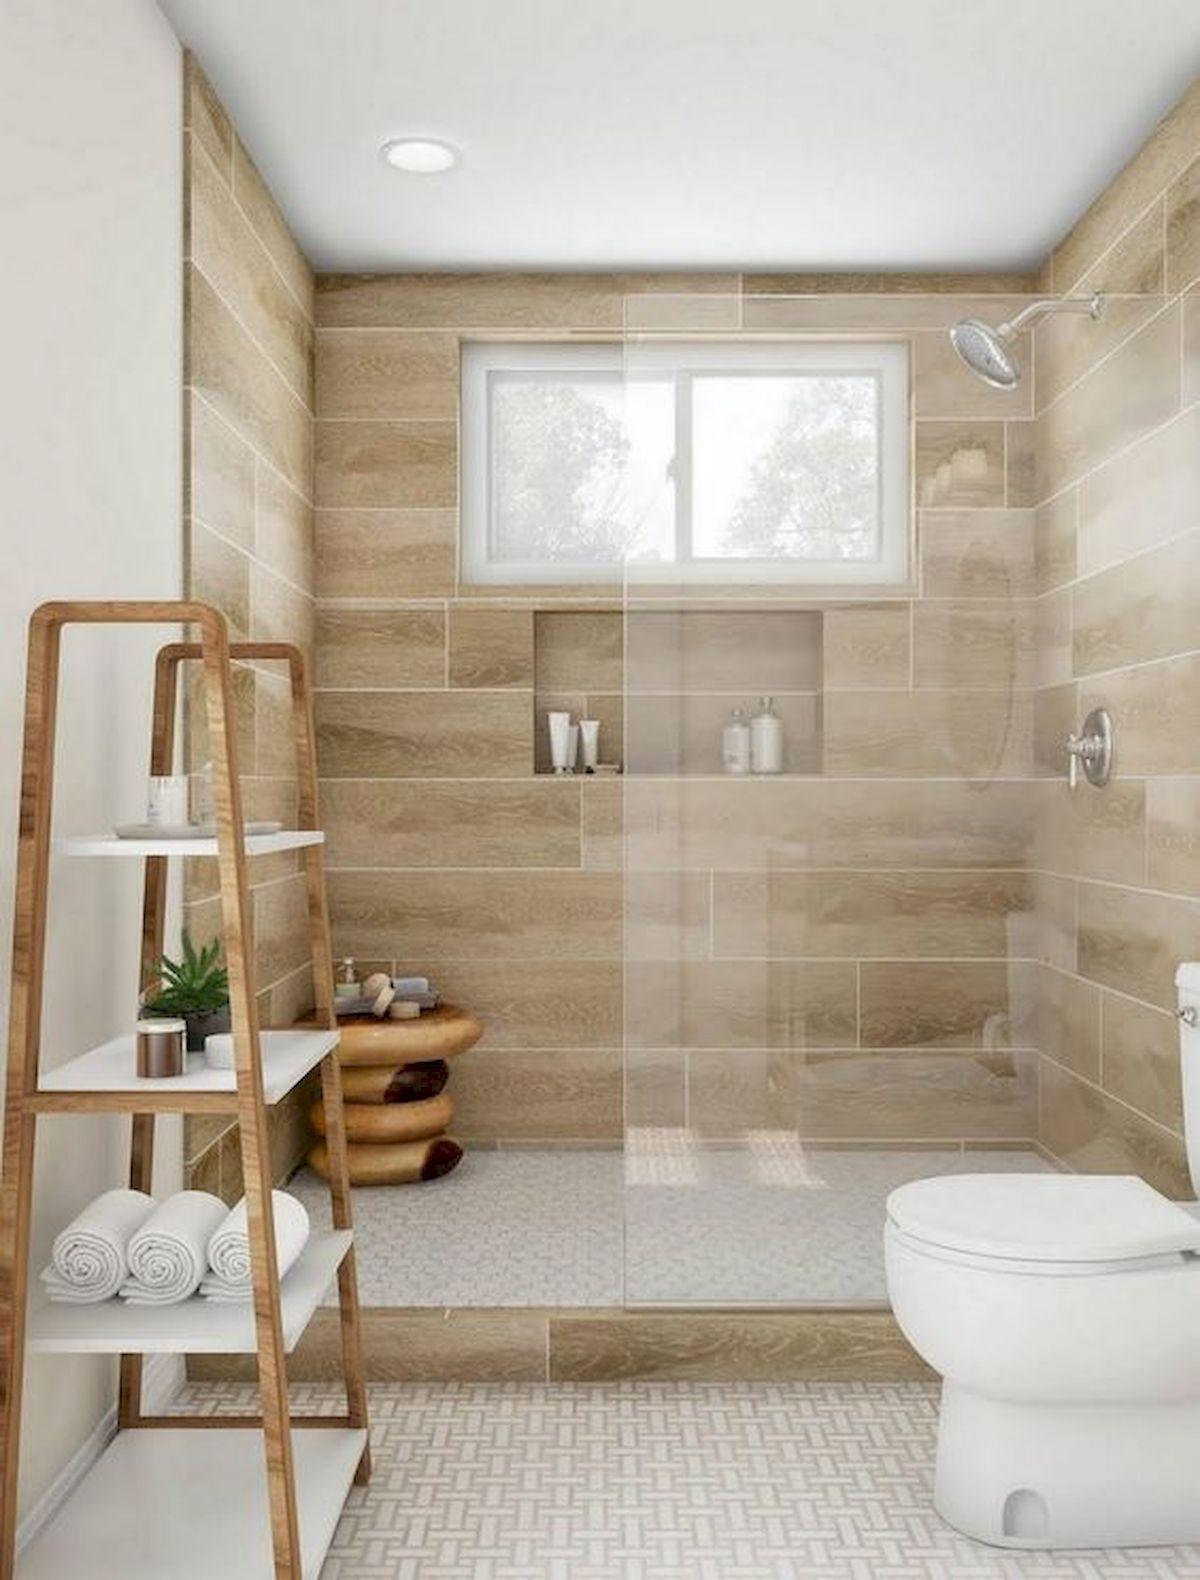 suprising small bathroom design ideas and decor remodel  inspo also rh pinterest